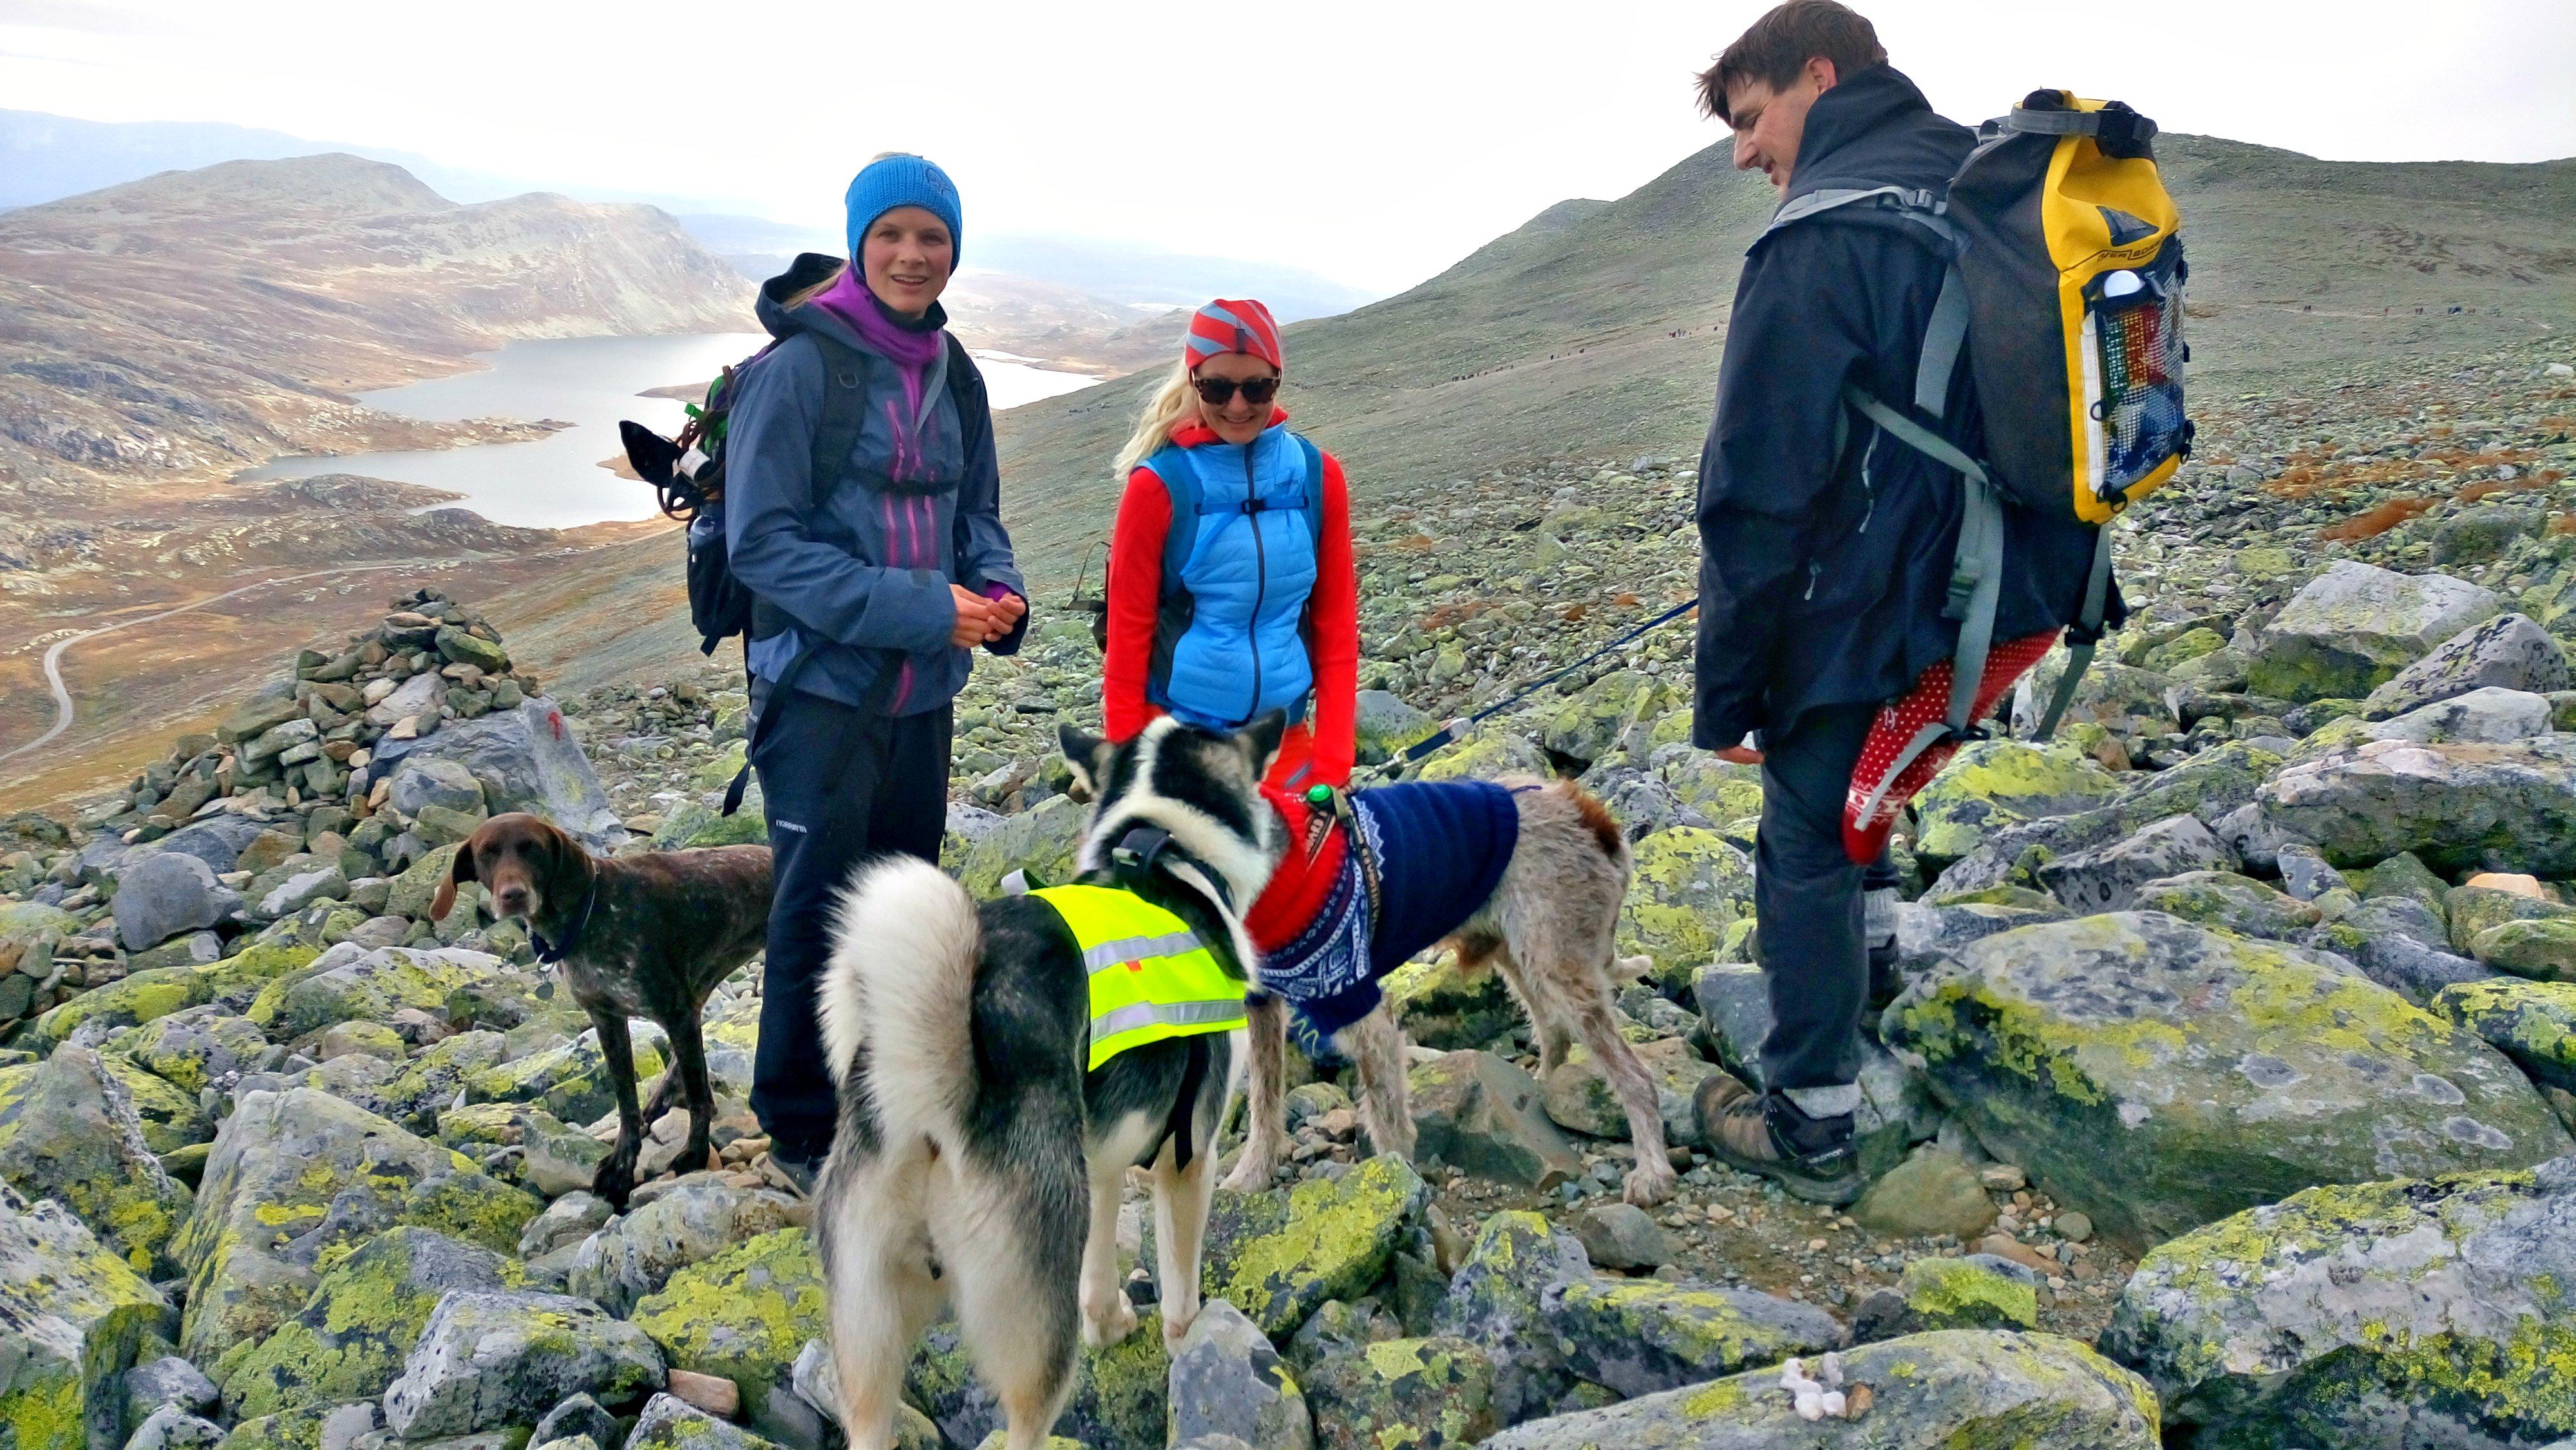 HYGGELIG HUNDEJENTER: Silje og Helene med hundeen Maja og Frøya.